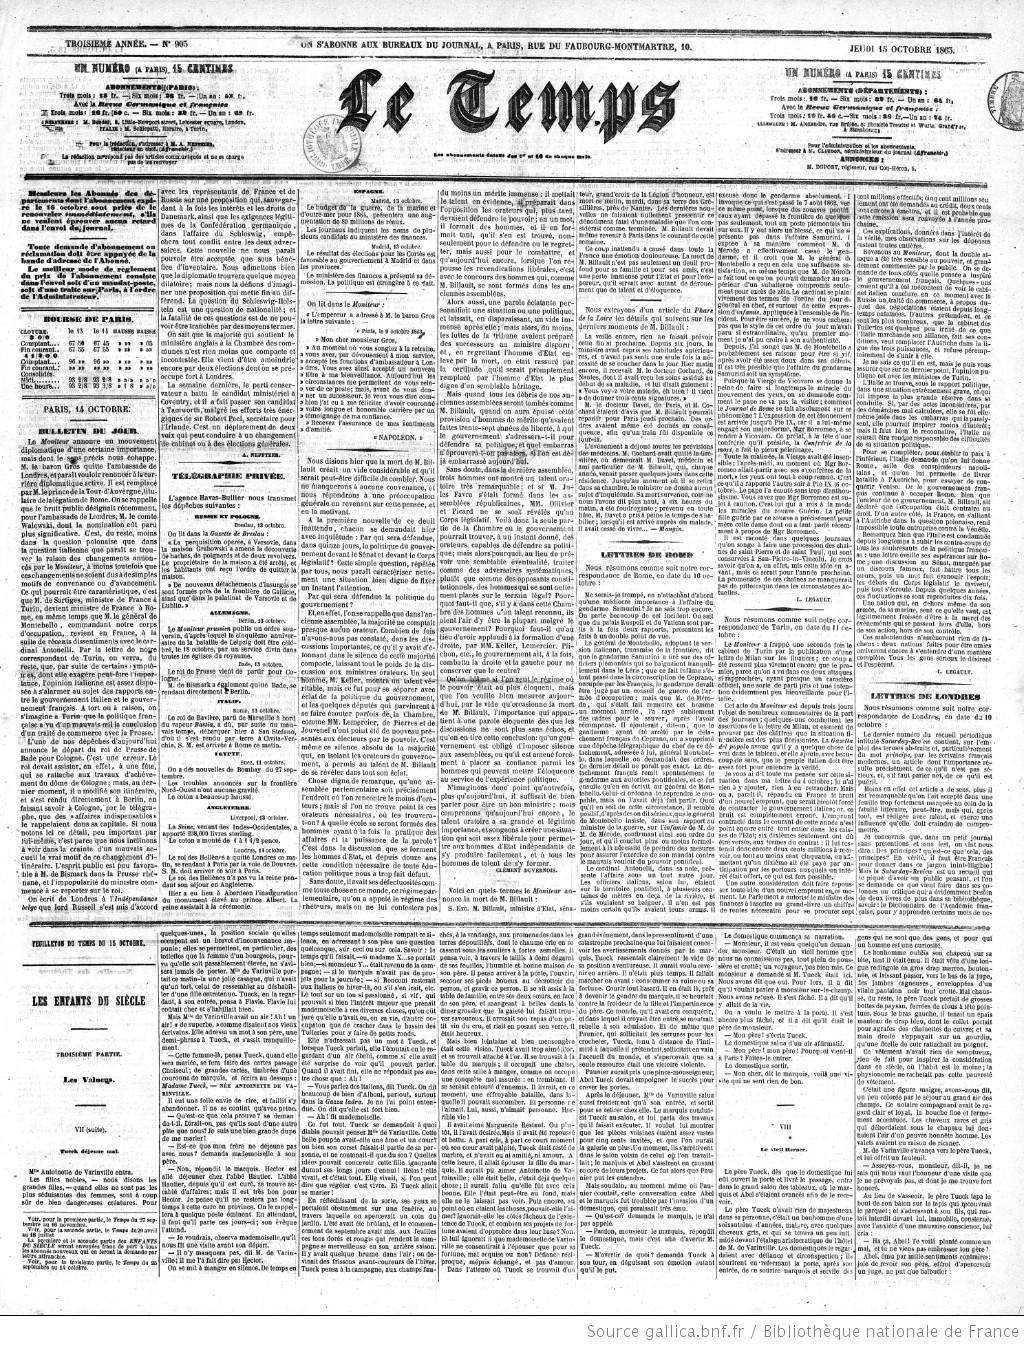 Le Temps | 1863-10-15 | Gallica